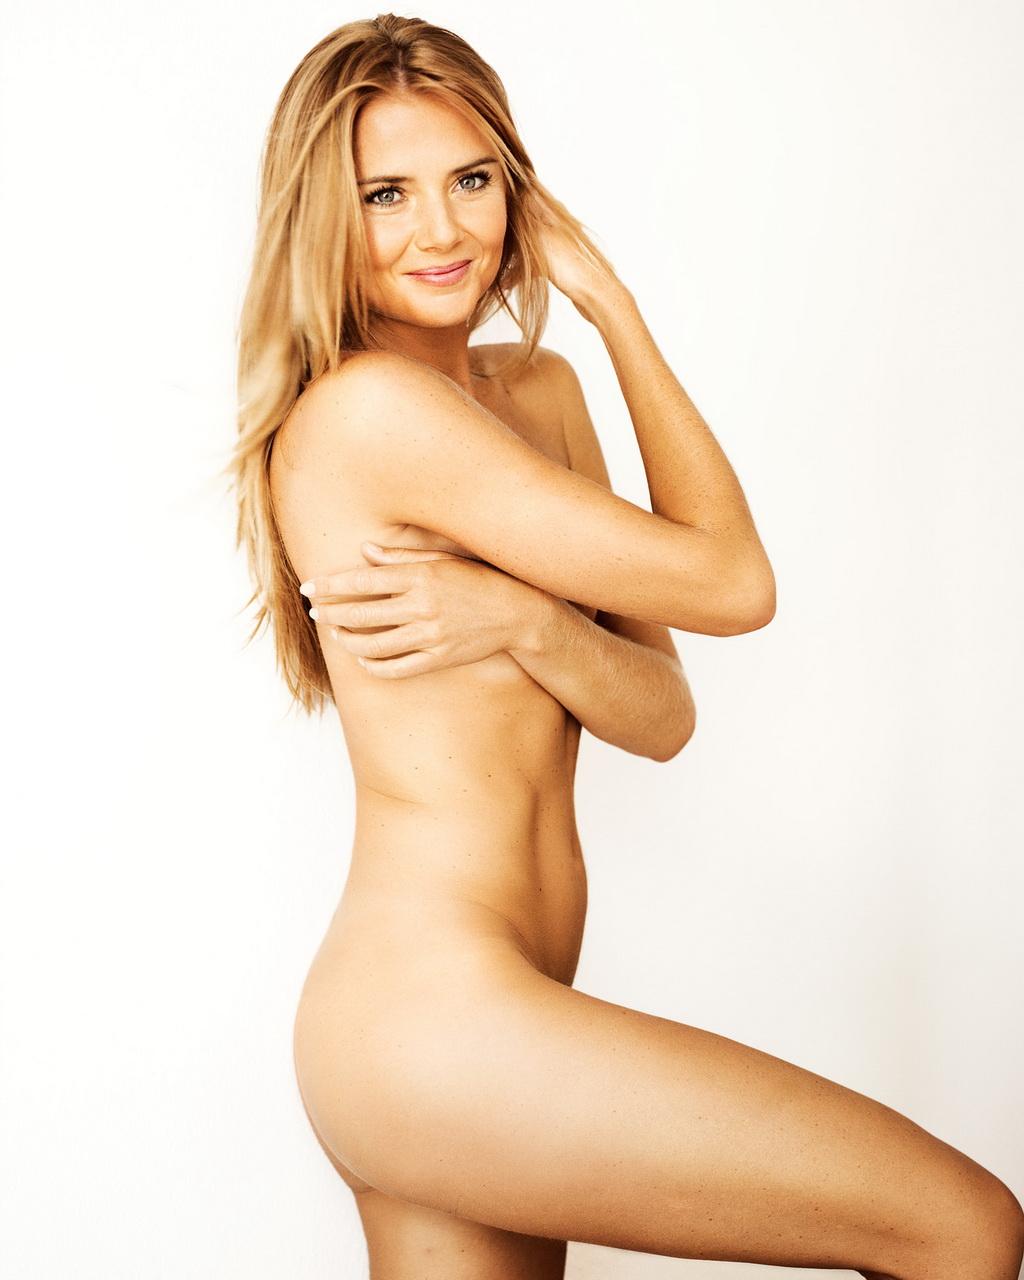 http://2.bp.blogspot.com/-MxN3-UQgHRg/UABxjFXgUZI/AAAAAAAAAAQ/9ilSTg8NOv0/s1600/daniela+hantuchova+Nude.jpg